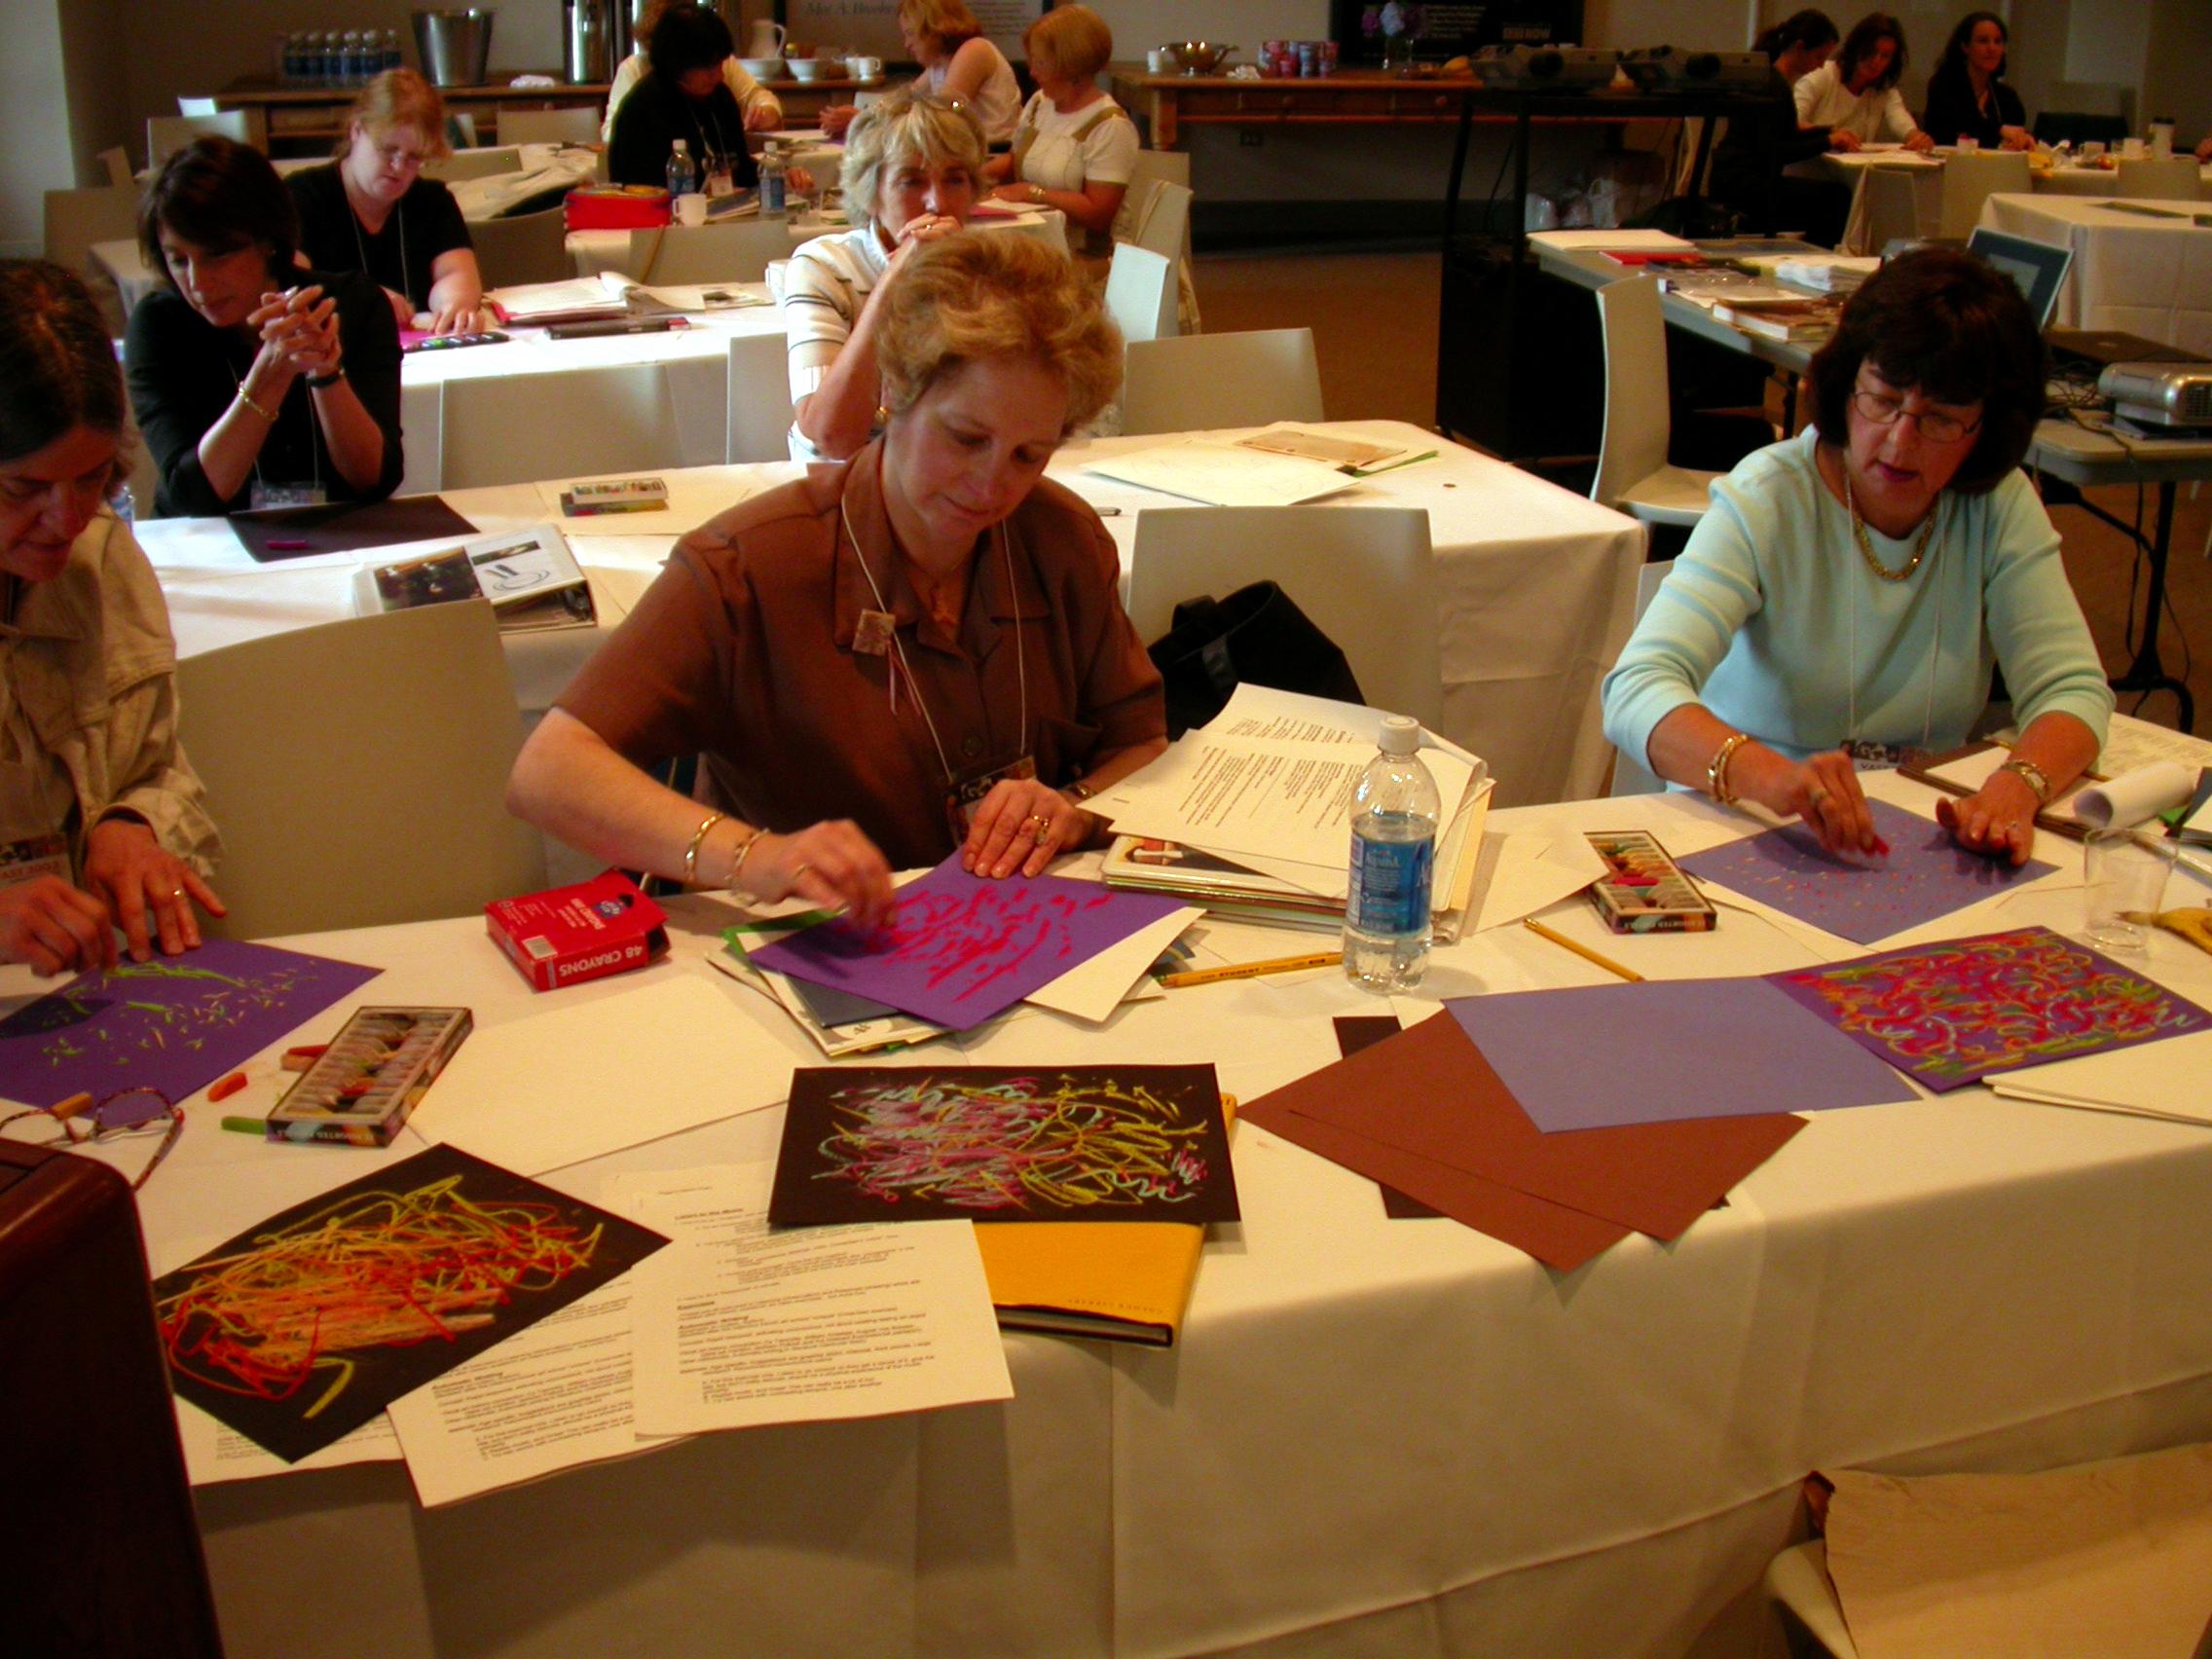 At the PMA Visual Arts Curicula Conference